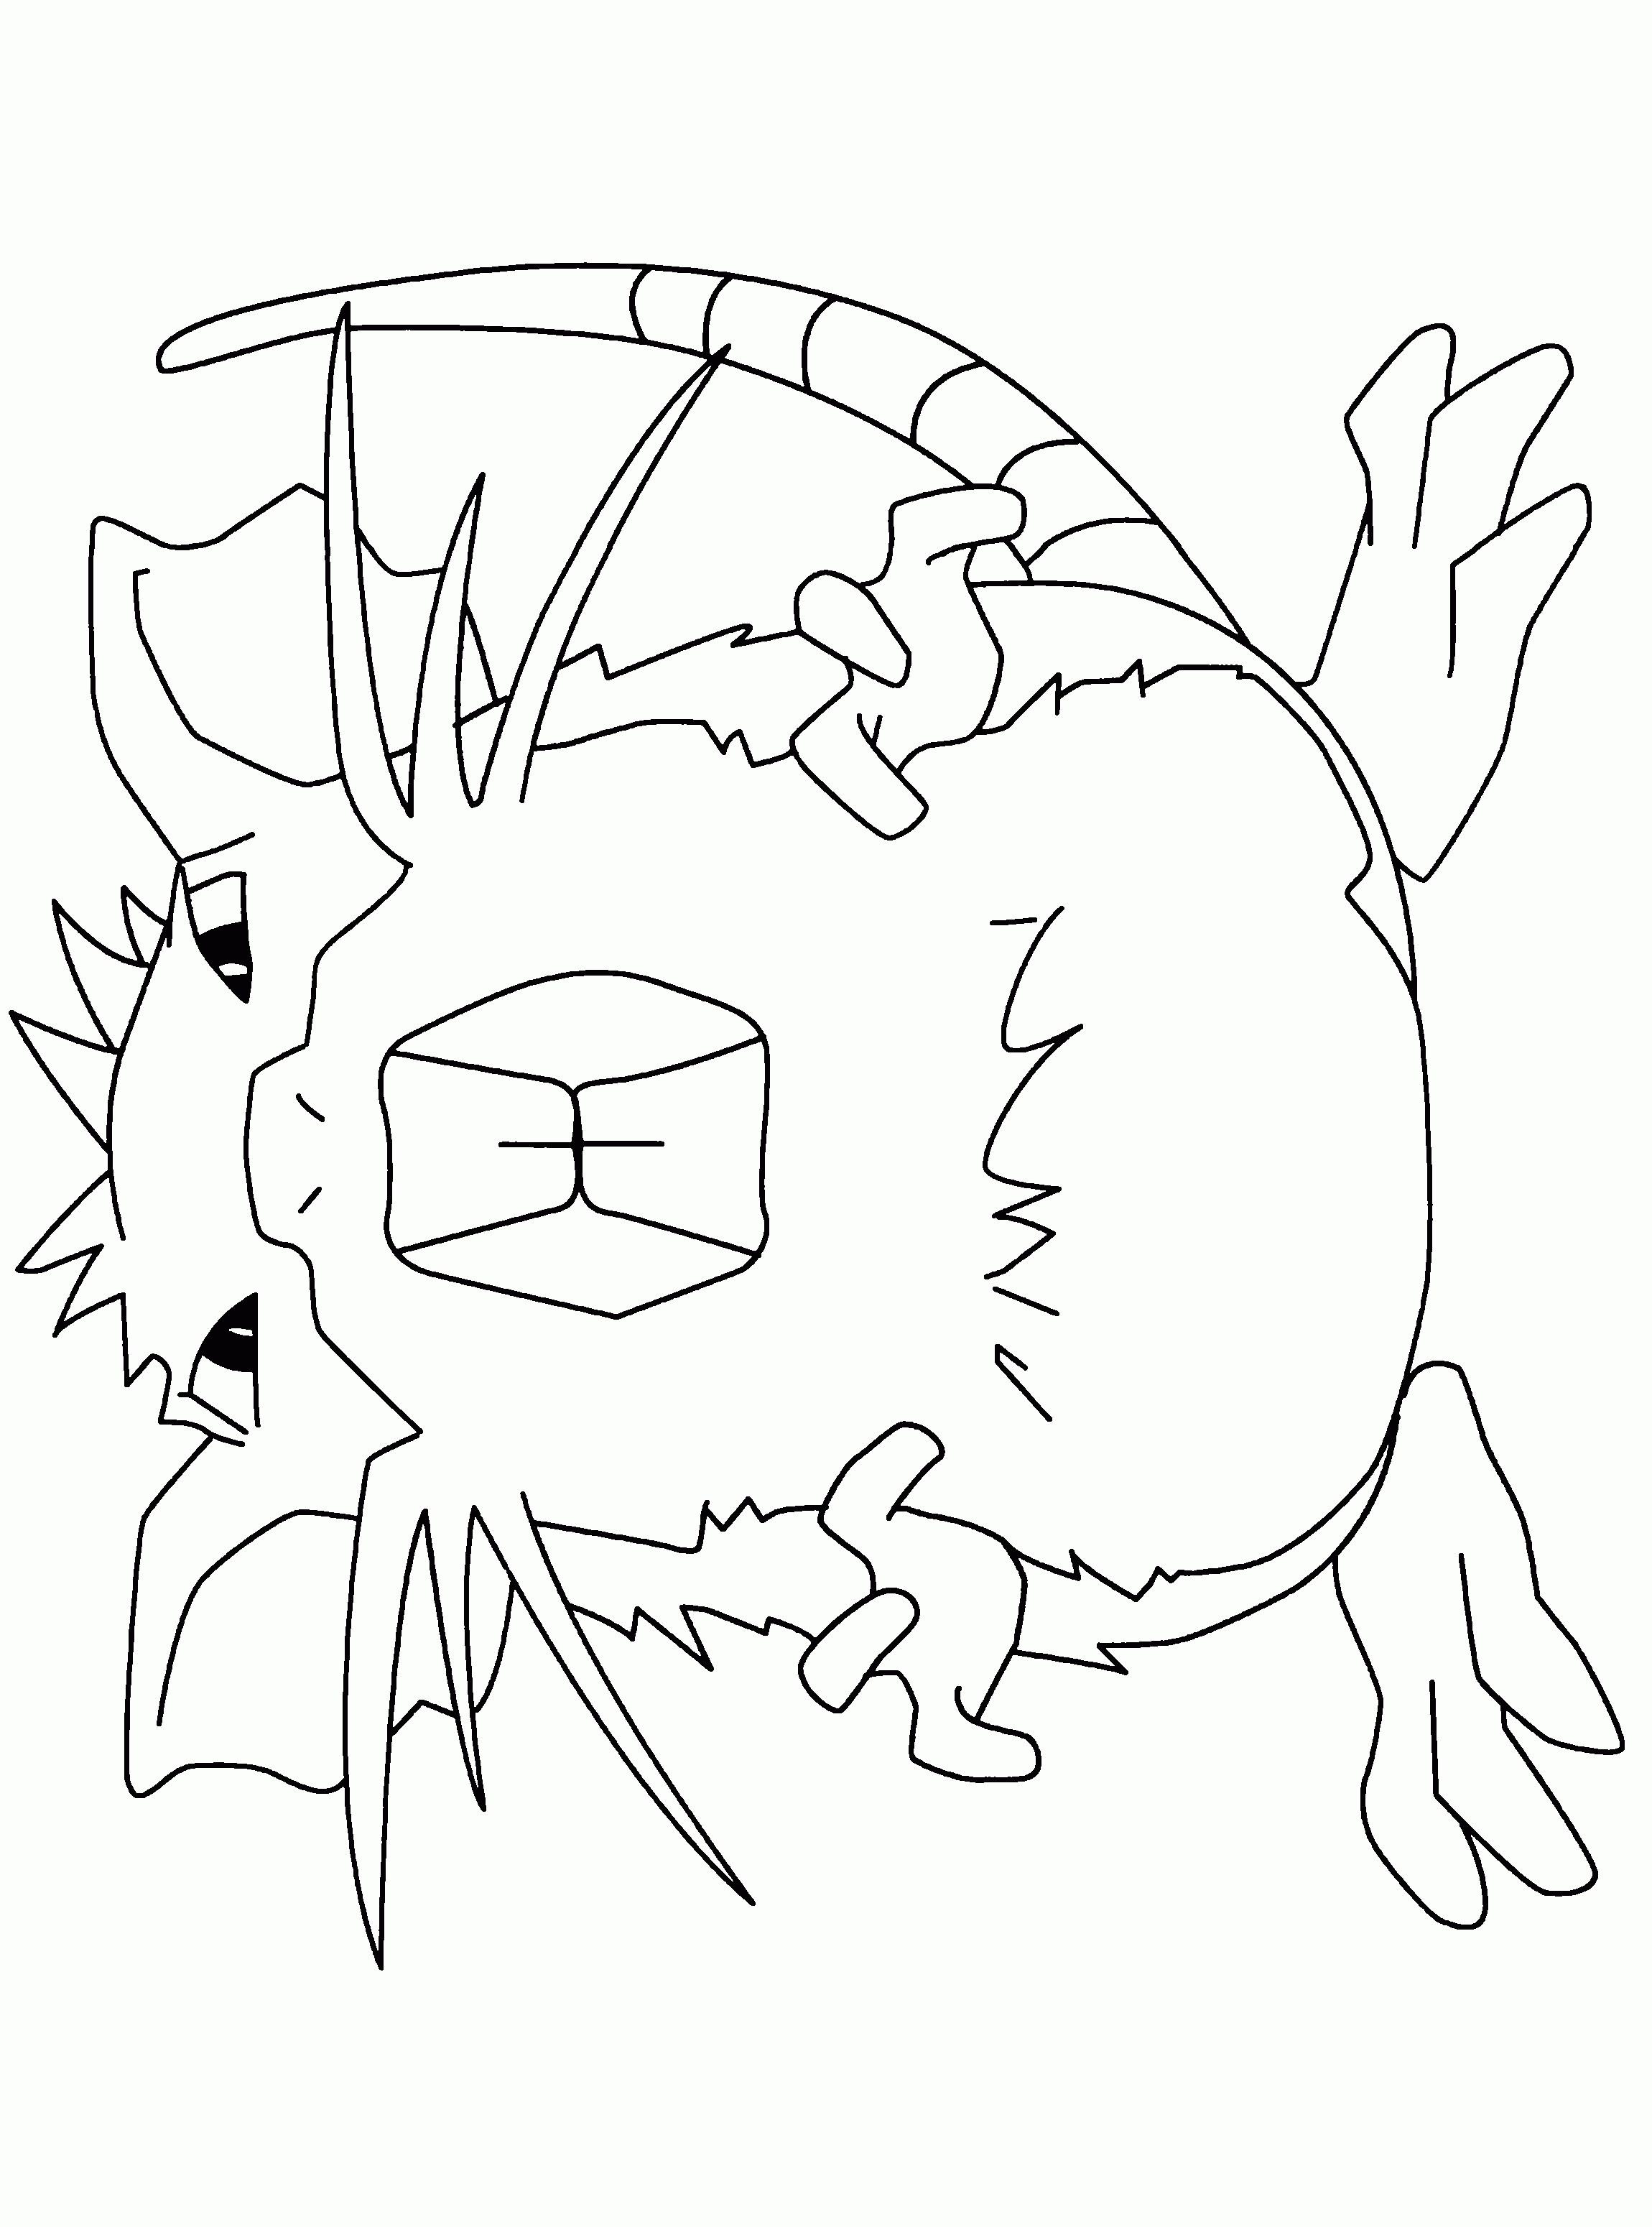 Ausmalbilder Pokemon Plinfa Einzigartig Malvorlagen Malvorlagen Pokemon Galerie